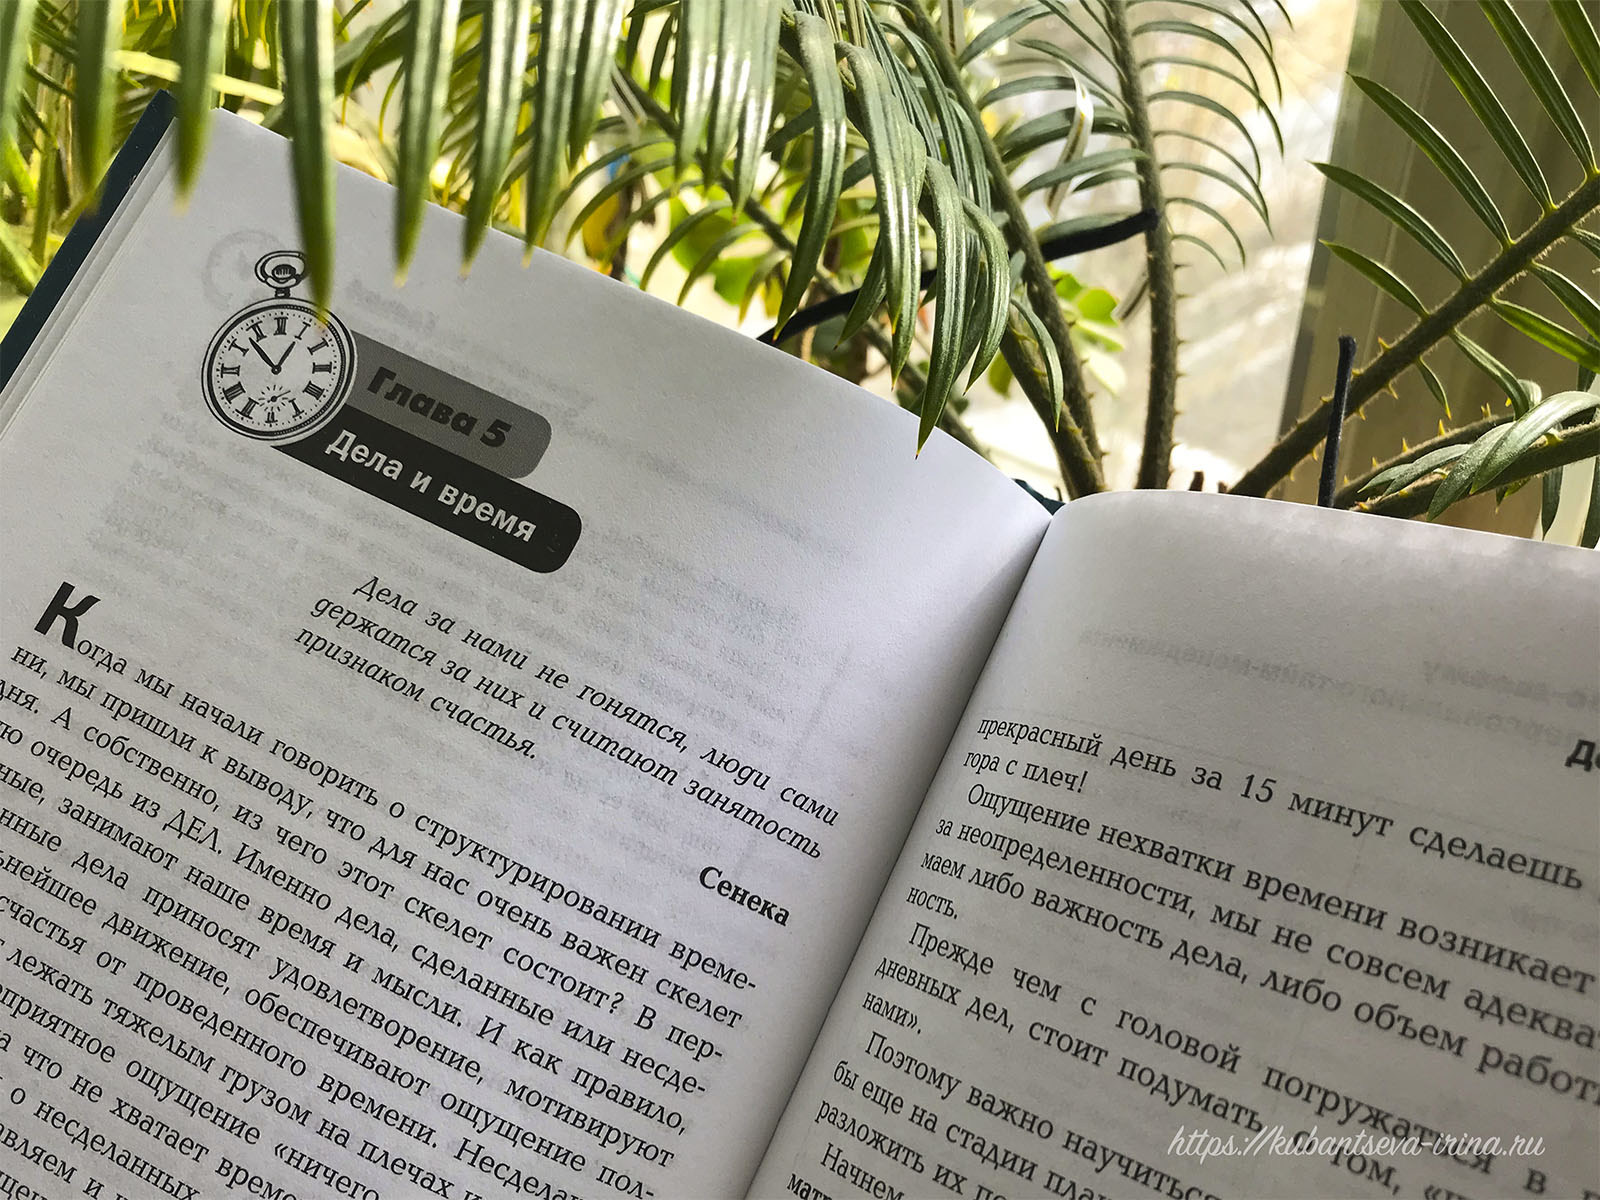 книги по тайм-менеджменту фото